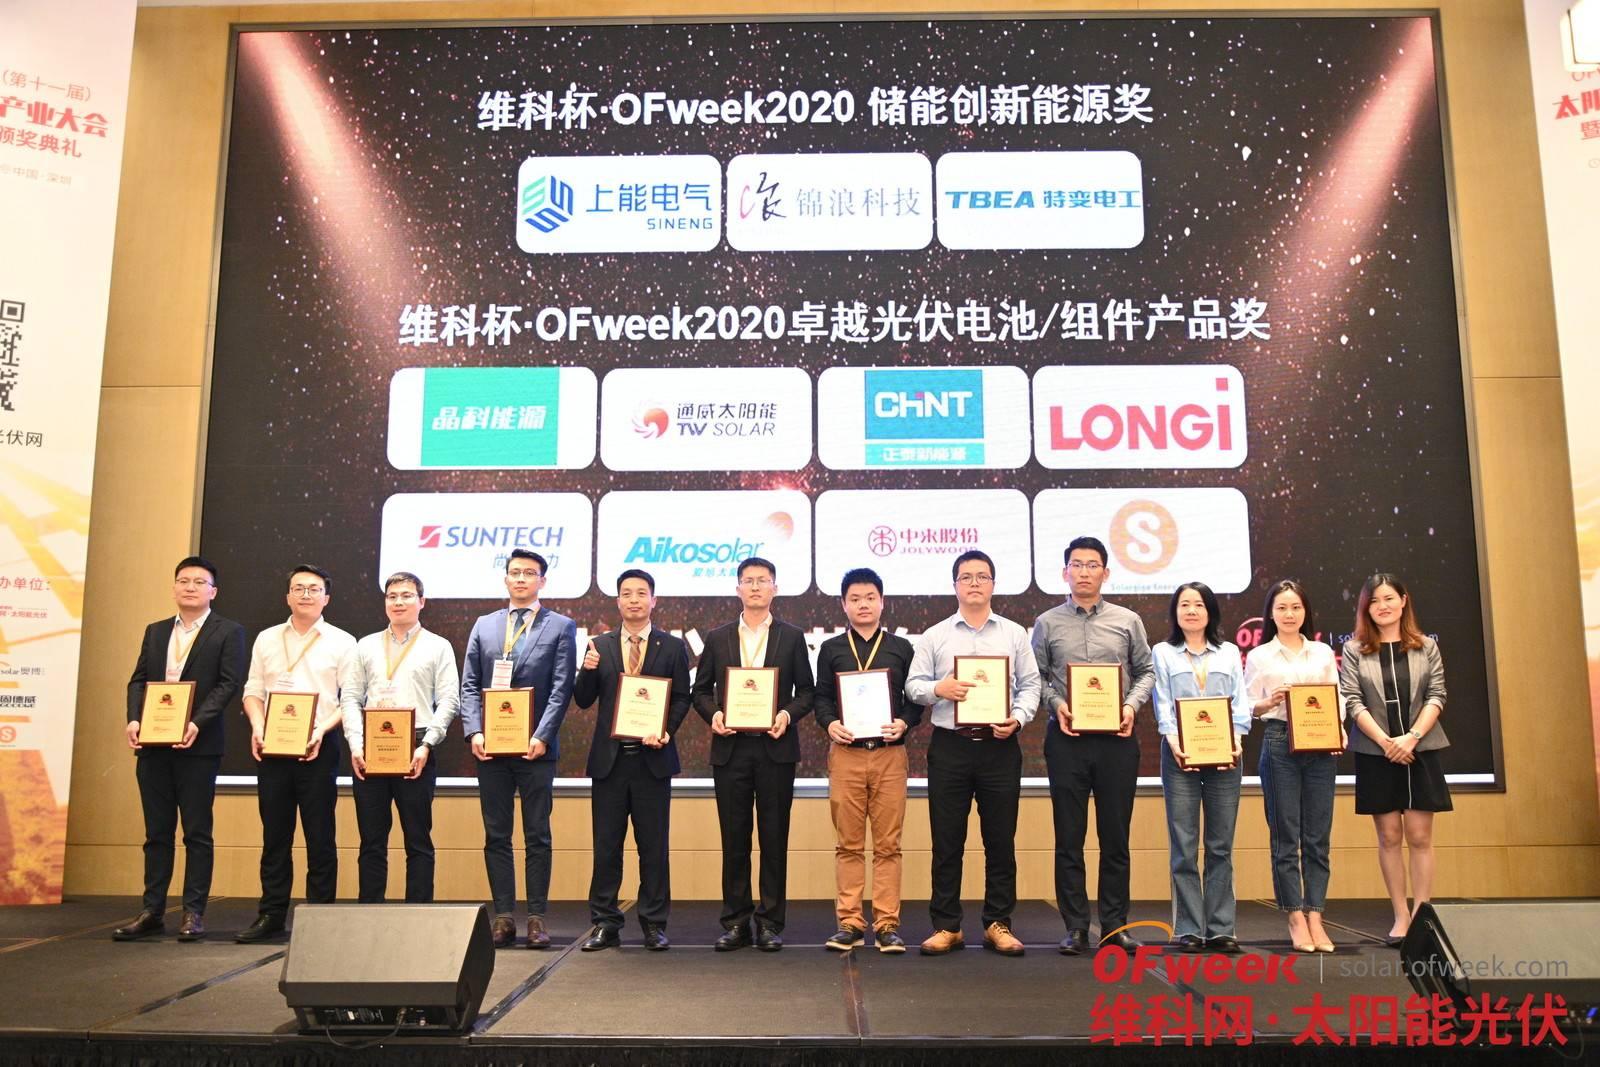 腾越2娱乐:苏州中来光伏新材股份有限公司荣获维科杯·OFweek2020卓越光伏电池组件产品奖